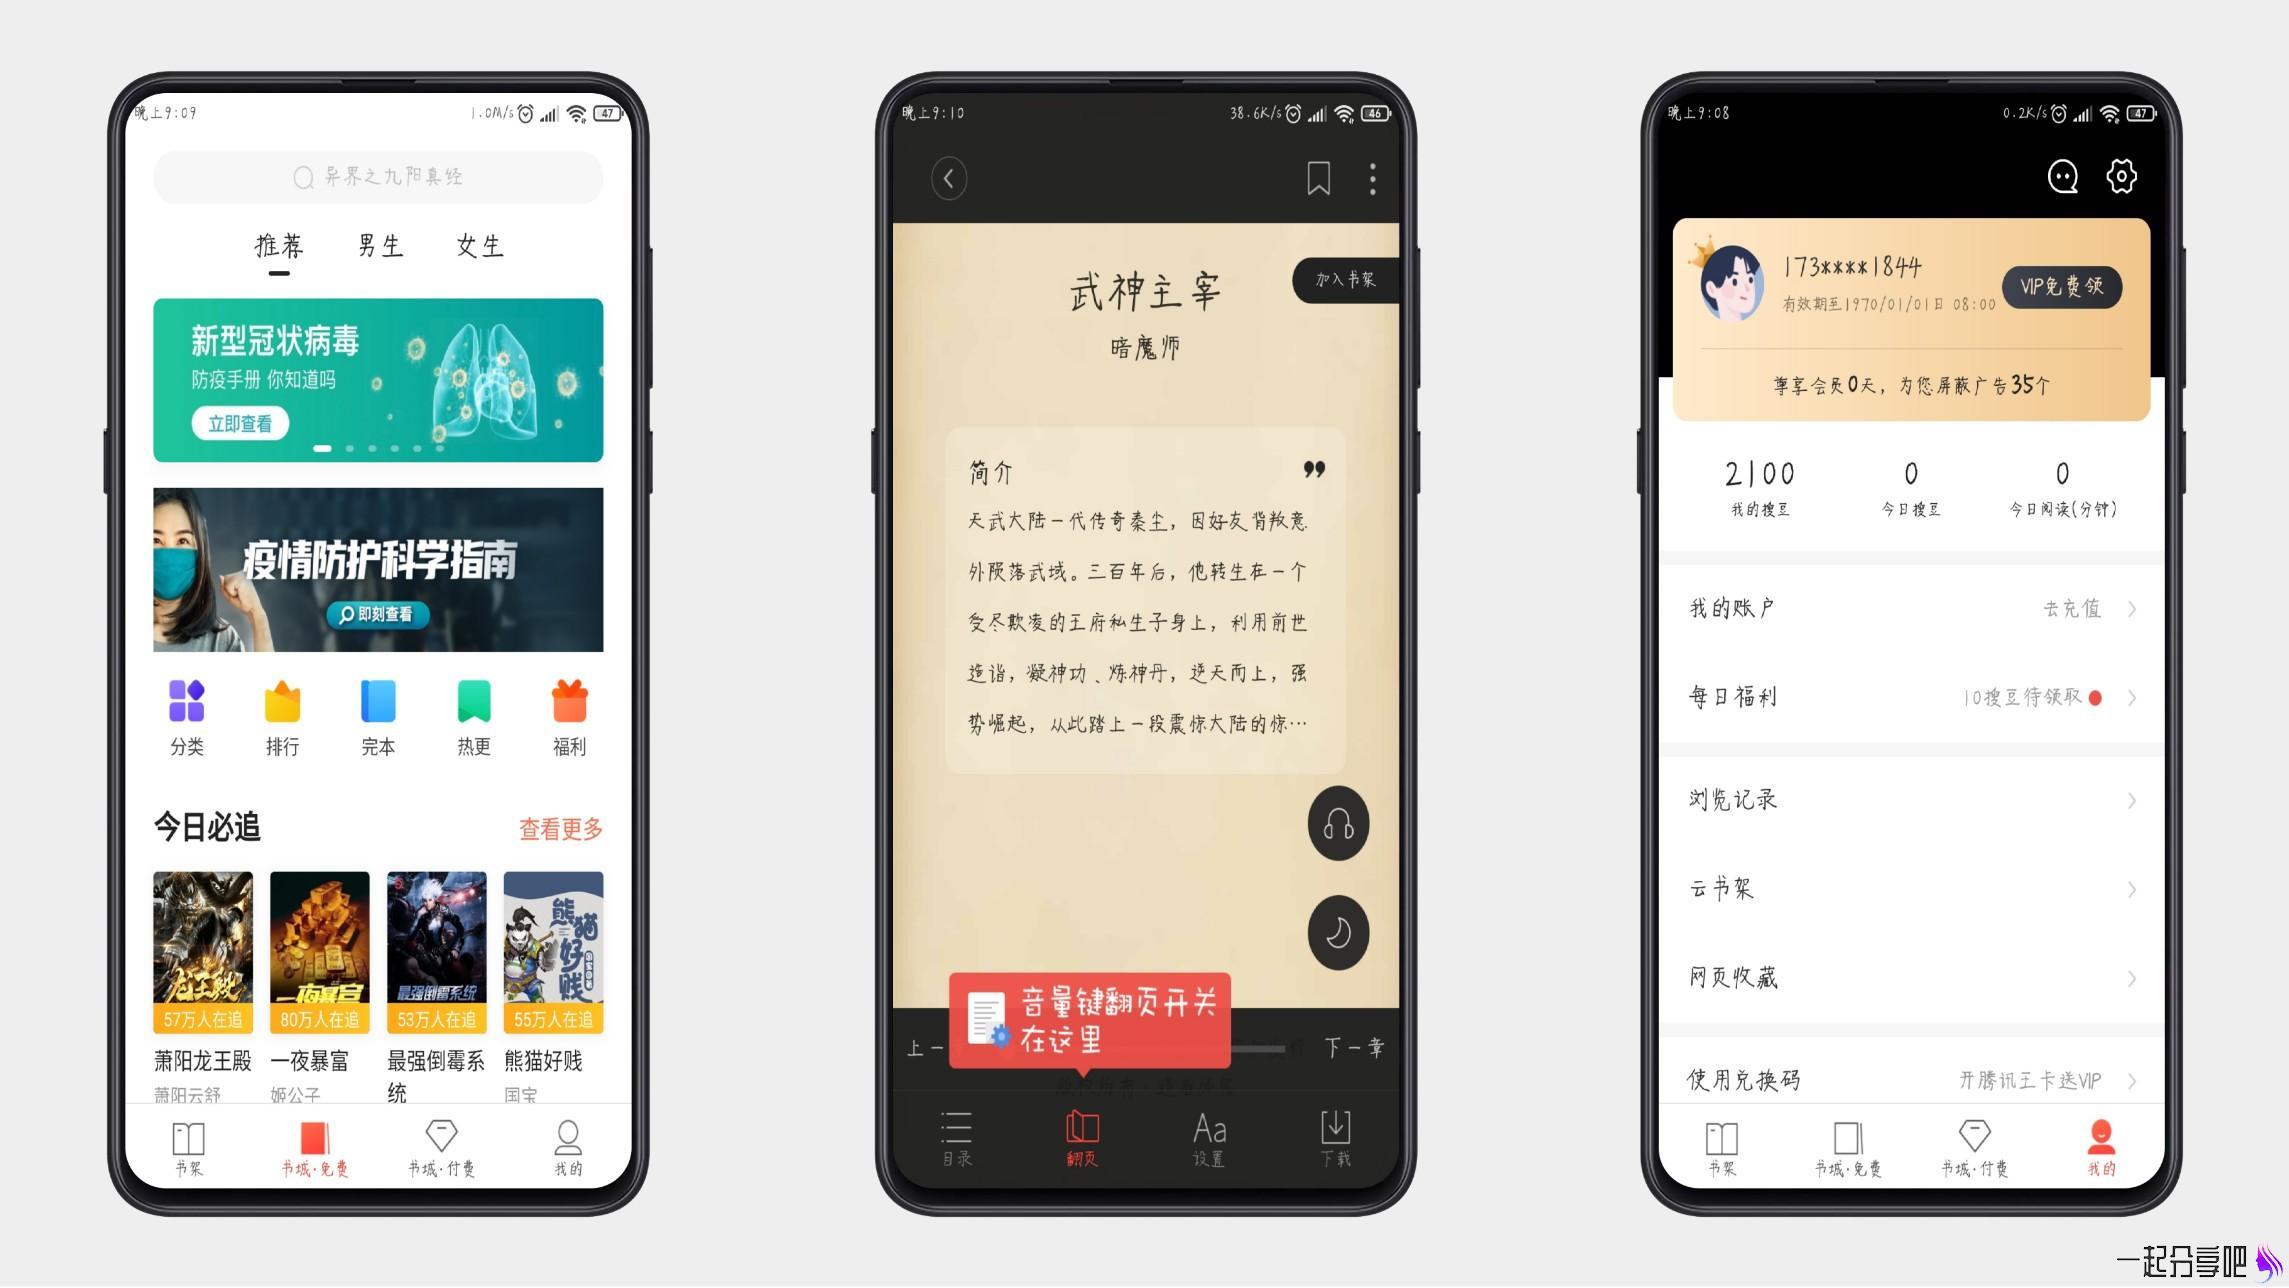 搜狗阅读最新PJ版!超多书源随意切换! 第1张